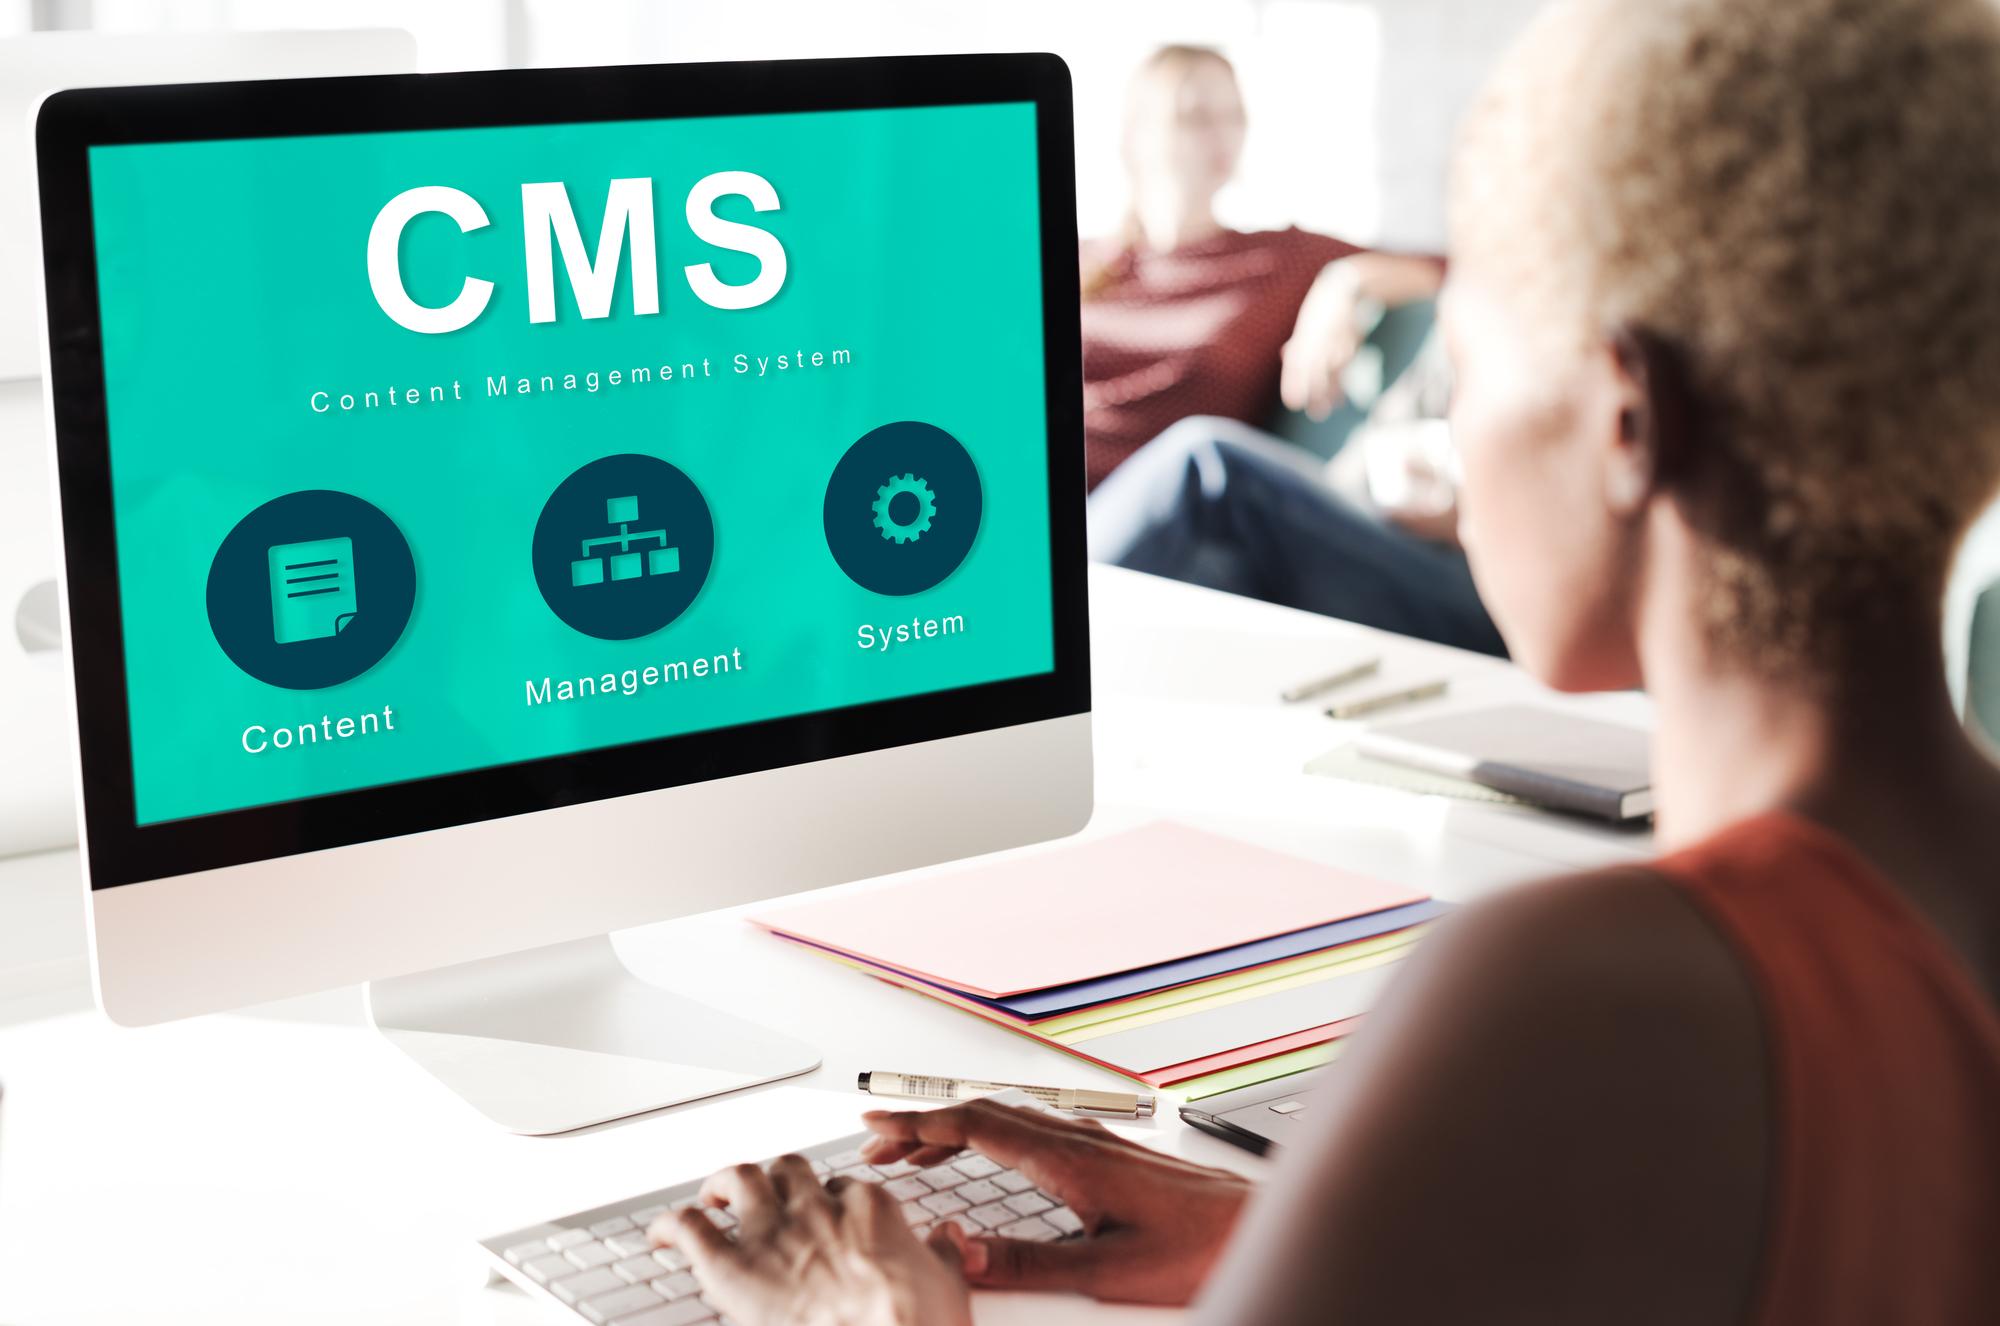 CMSとは? 特徴や導入メリットやおすすめのツールを解説